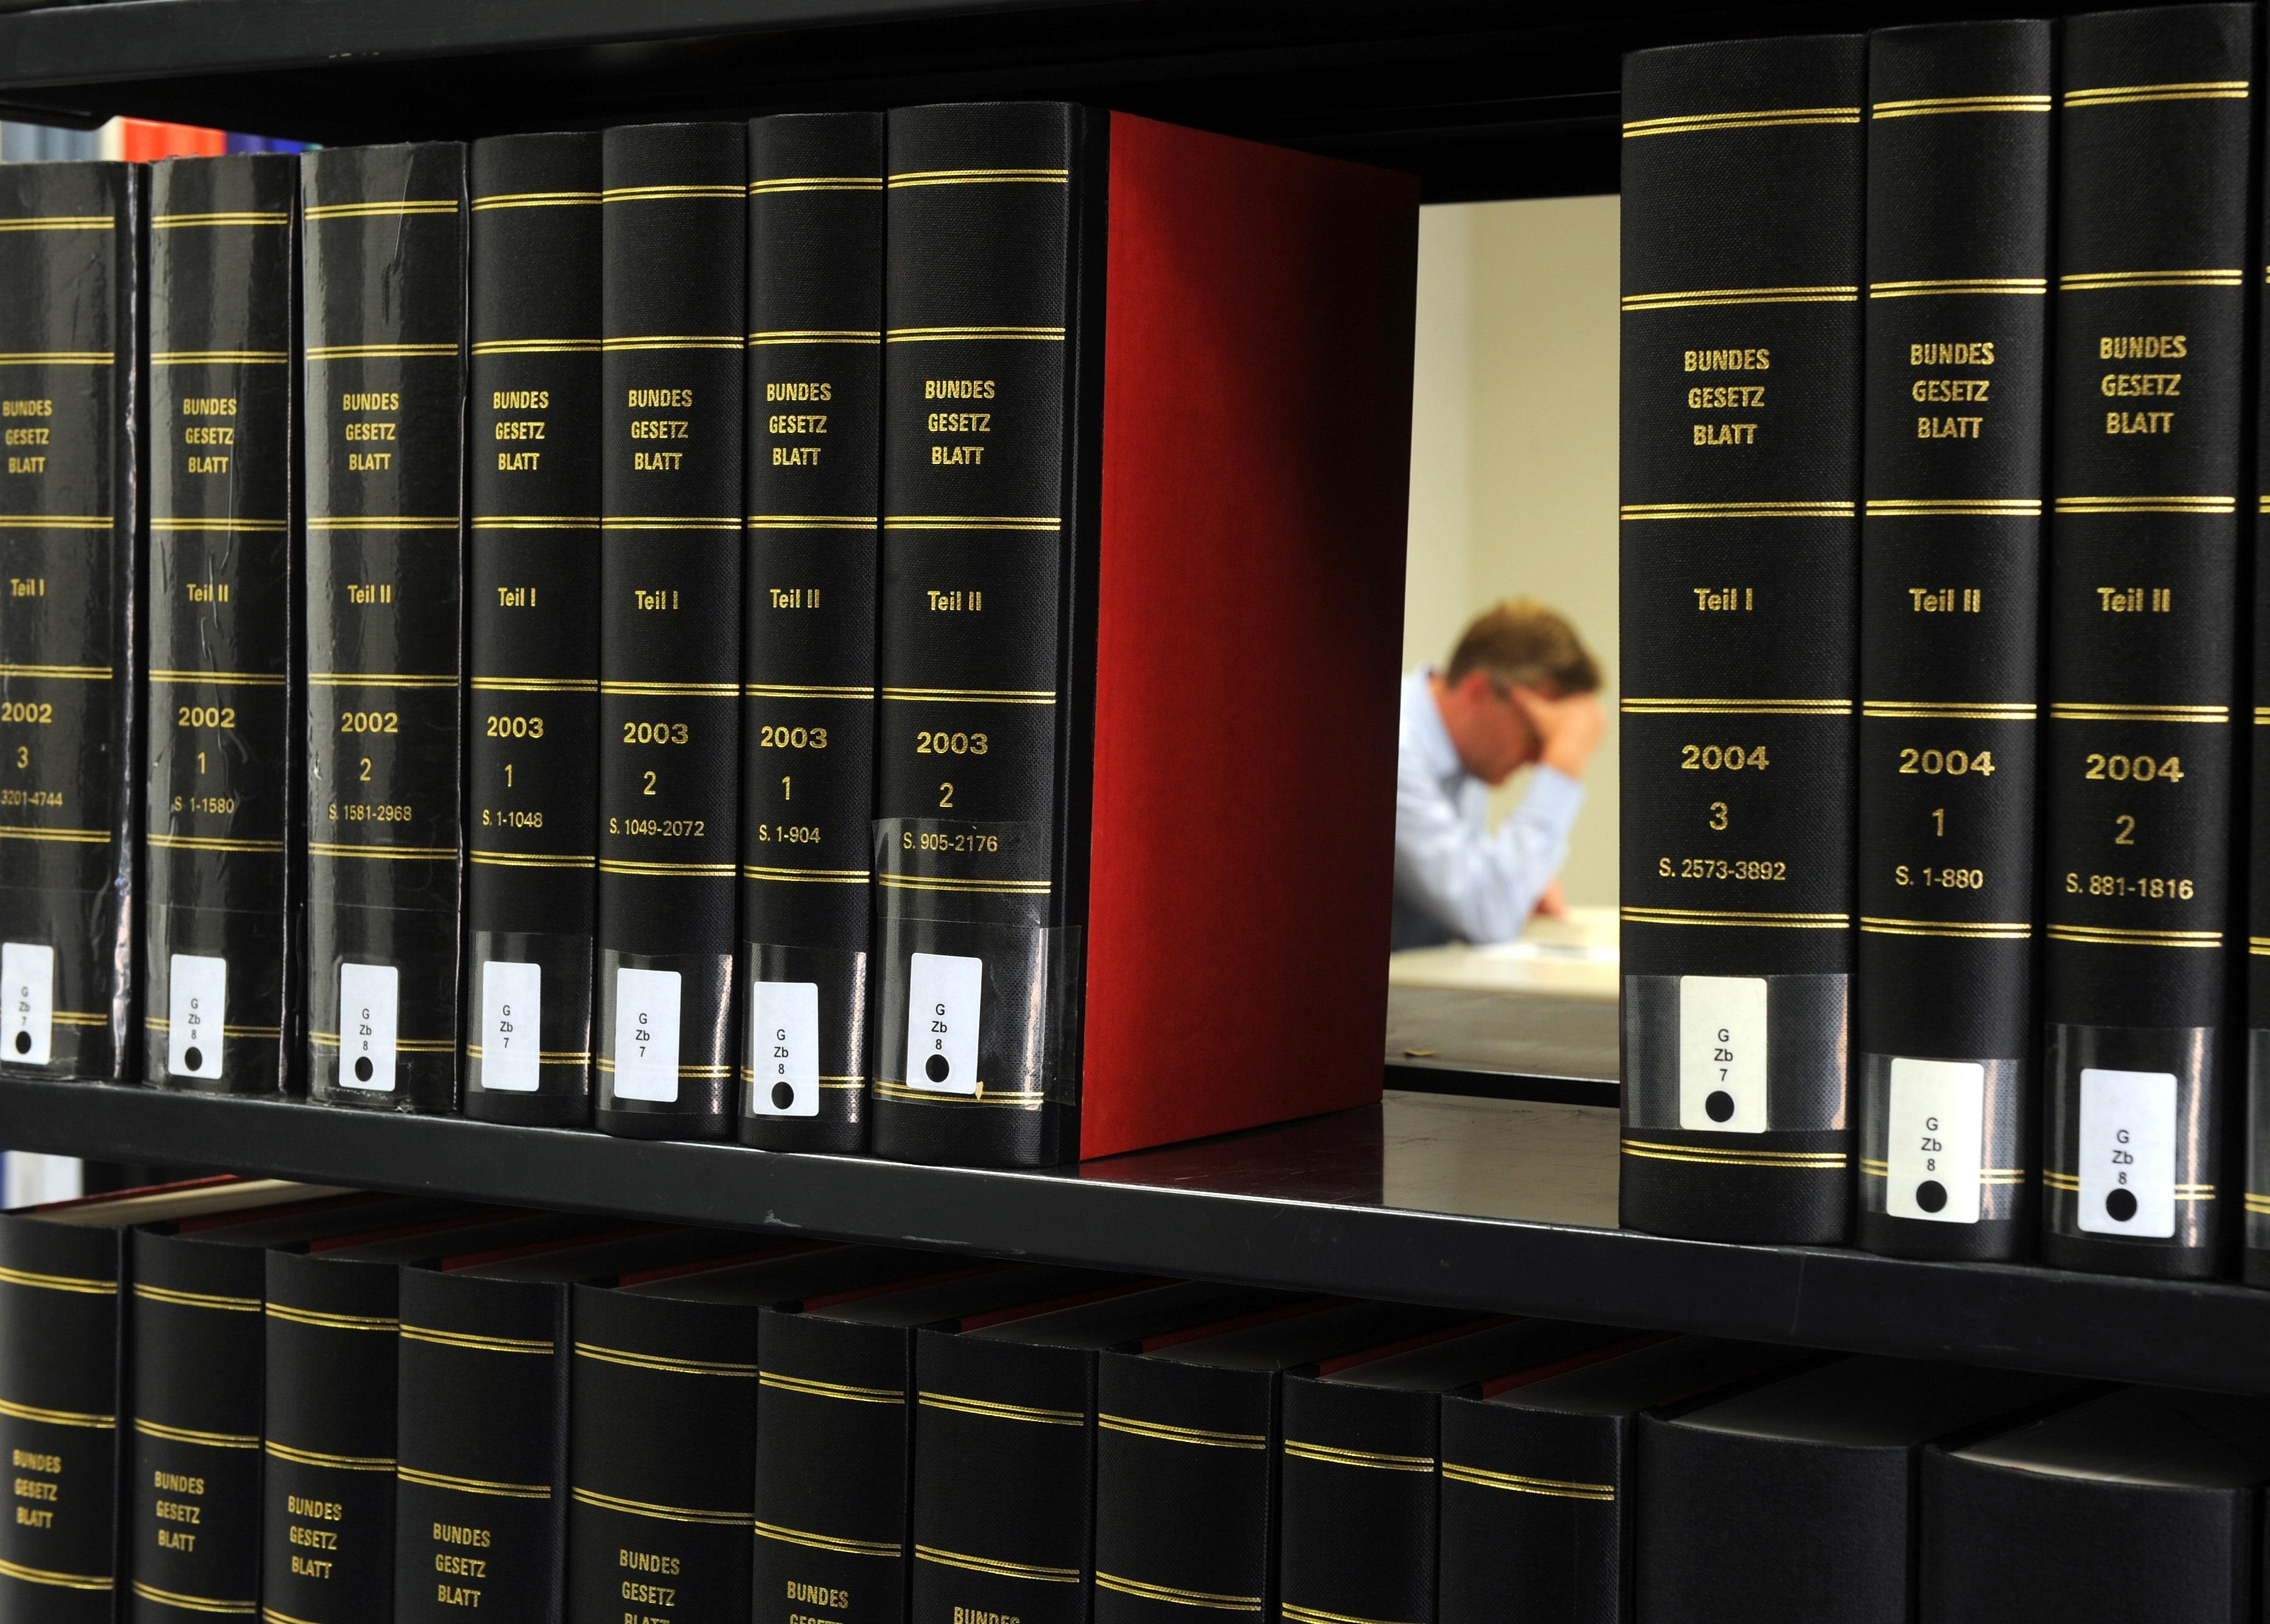 {#Gerichtsbibliothek}